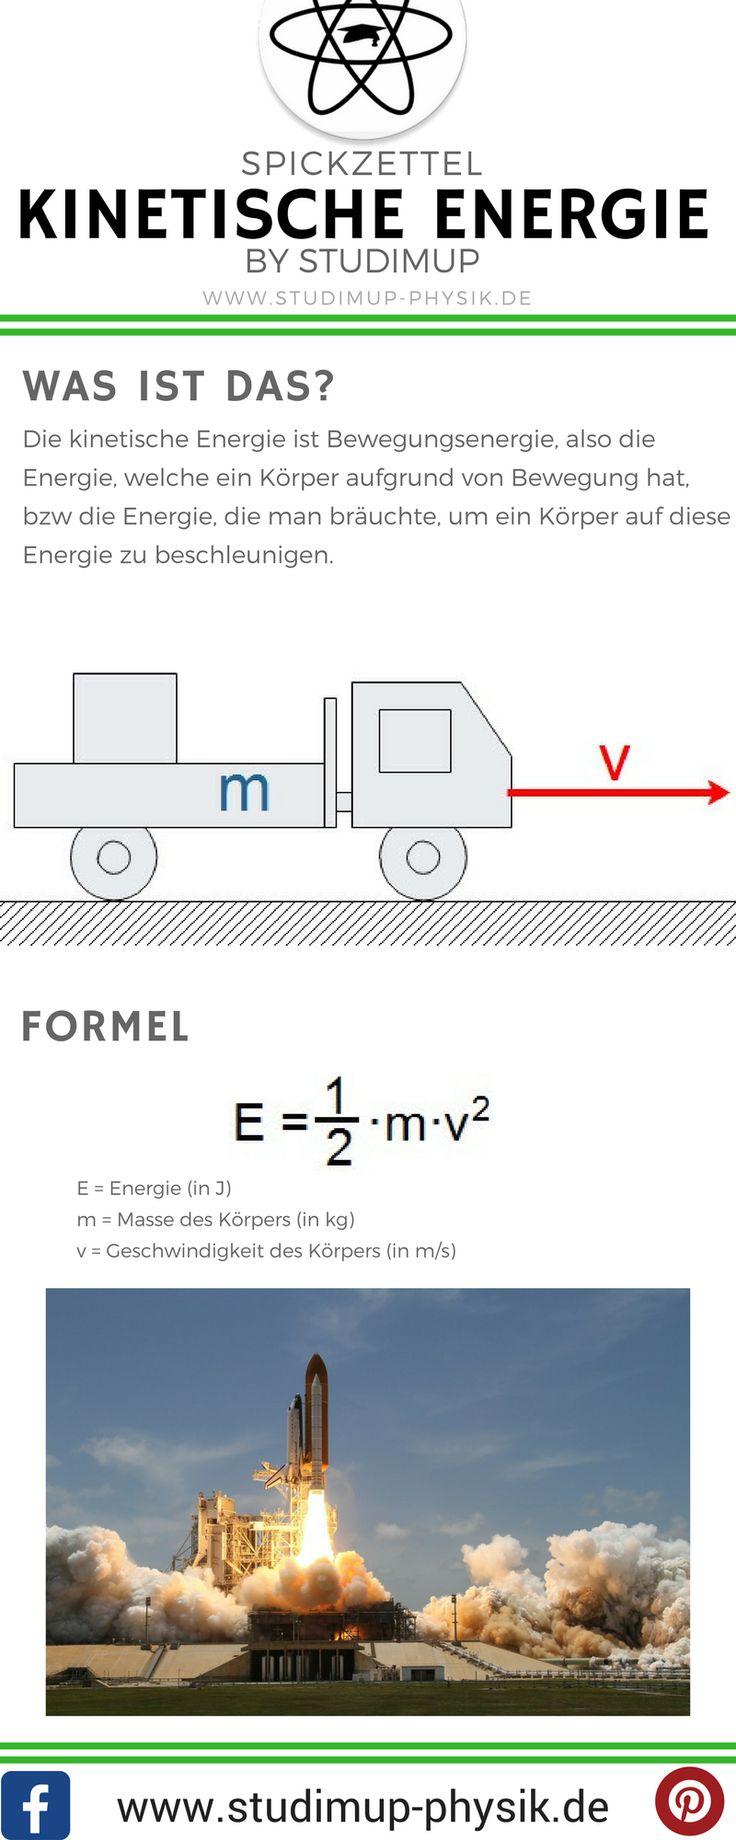 Spickzettel zur kinetischen Energie. Physik einfach lernen mit Studimup.